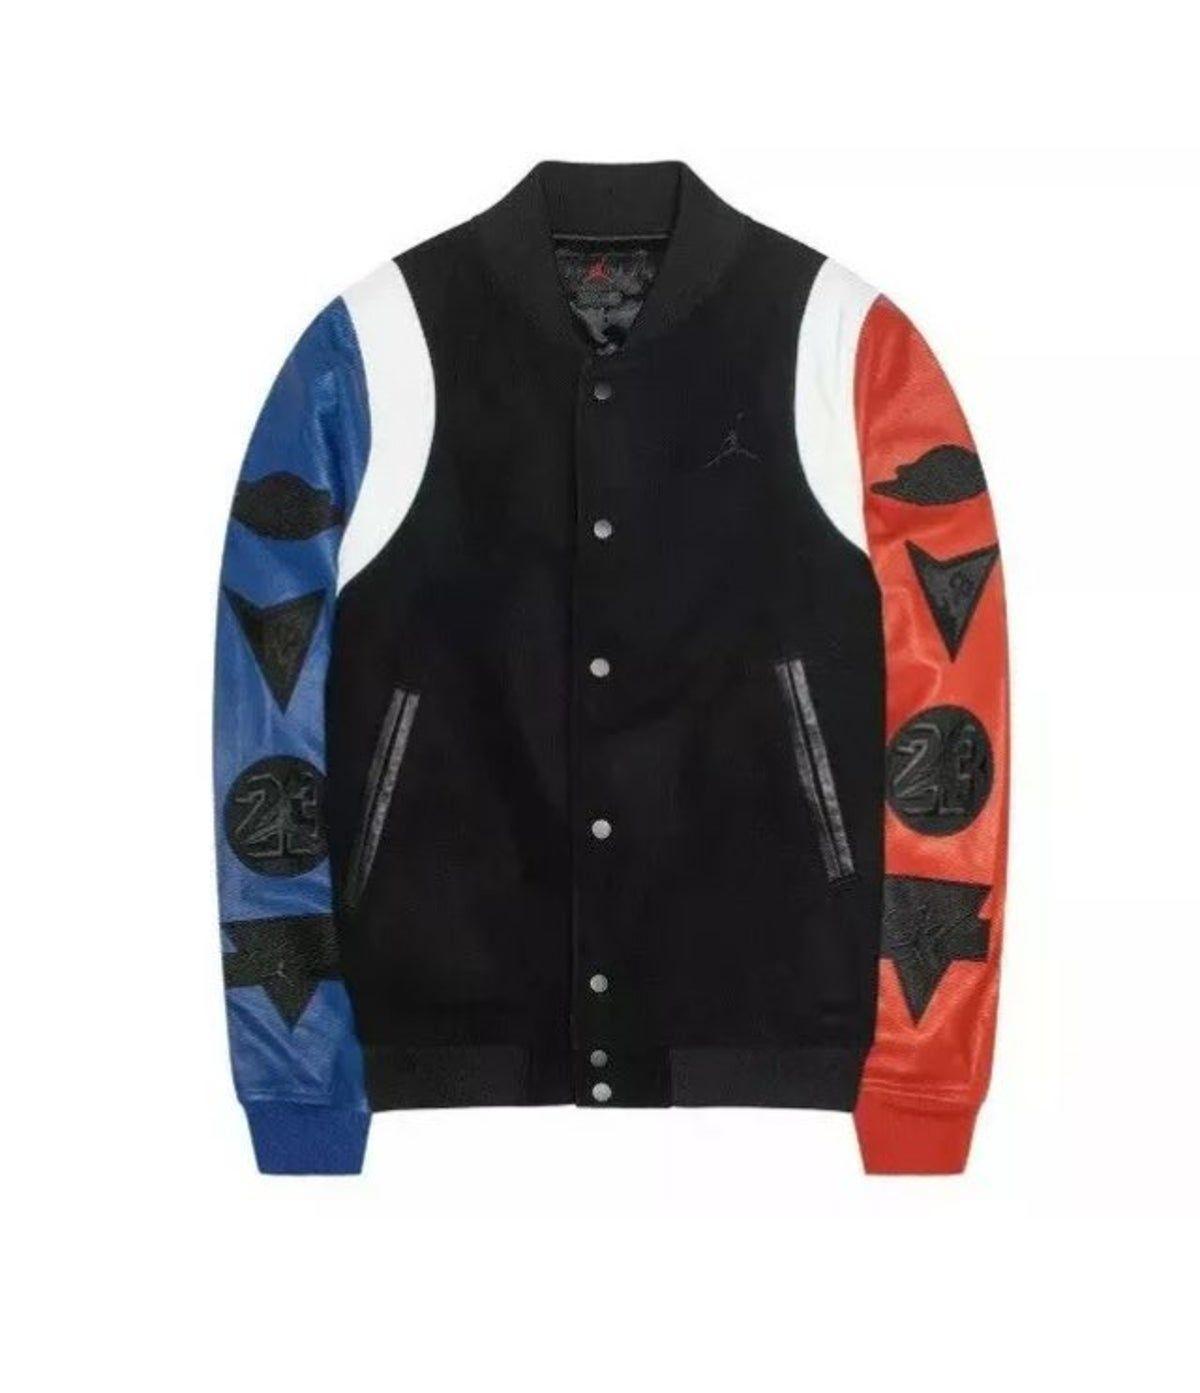 Nike Air Jordan Leather Varsity Jack Varsity Jacket Leather Bomber Mens Jackets [ 1393 x 1200 Pixel ]